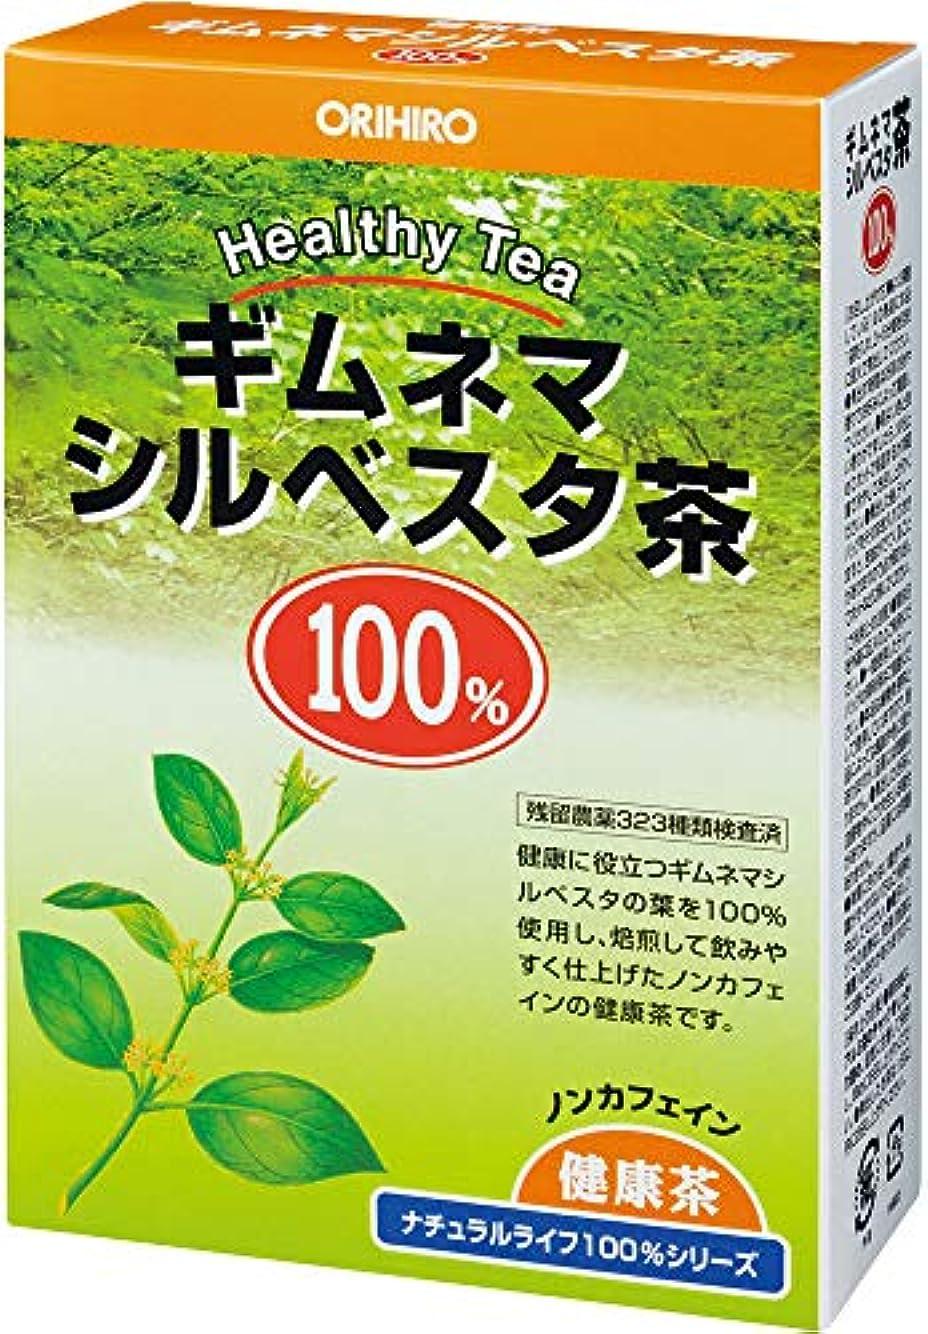 安いですコスト病気だと思うオリヒロ NLティー 100% ギムネマシルベスタ茶 2.5g×26包